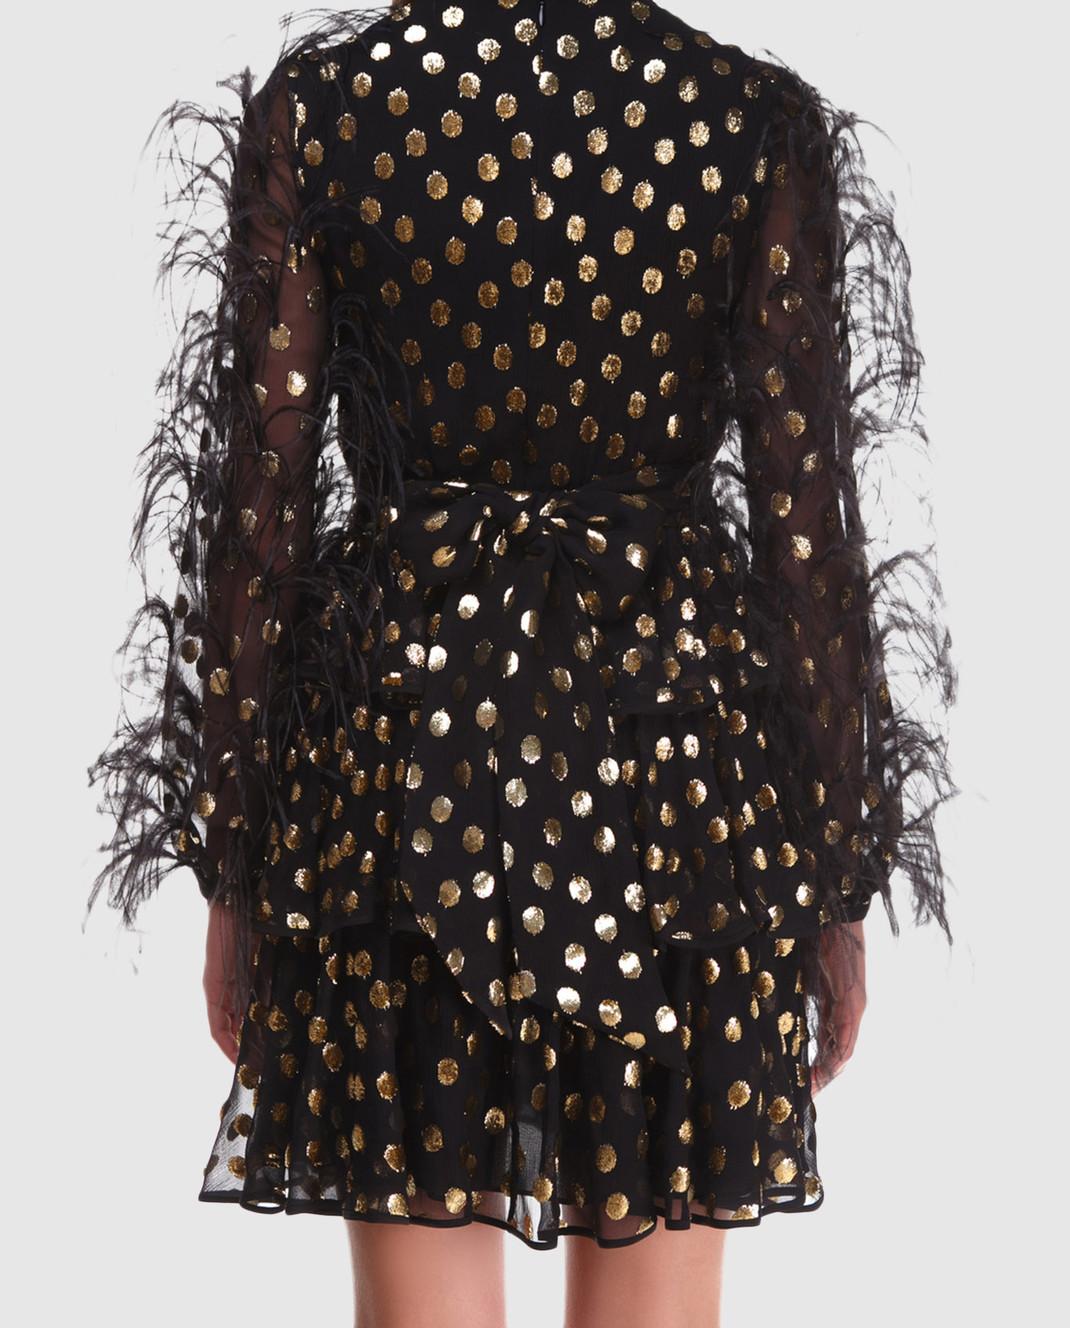 Valentino Черное шифоновое платье QB2VAIK043C изображение 4